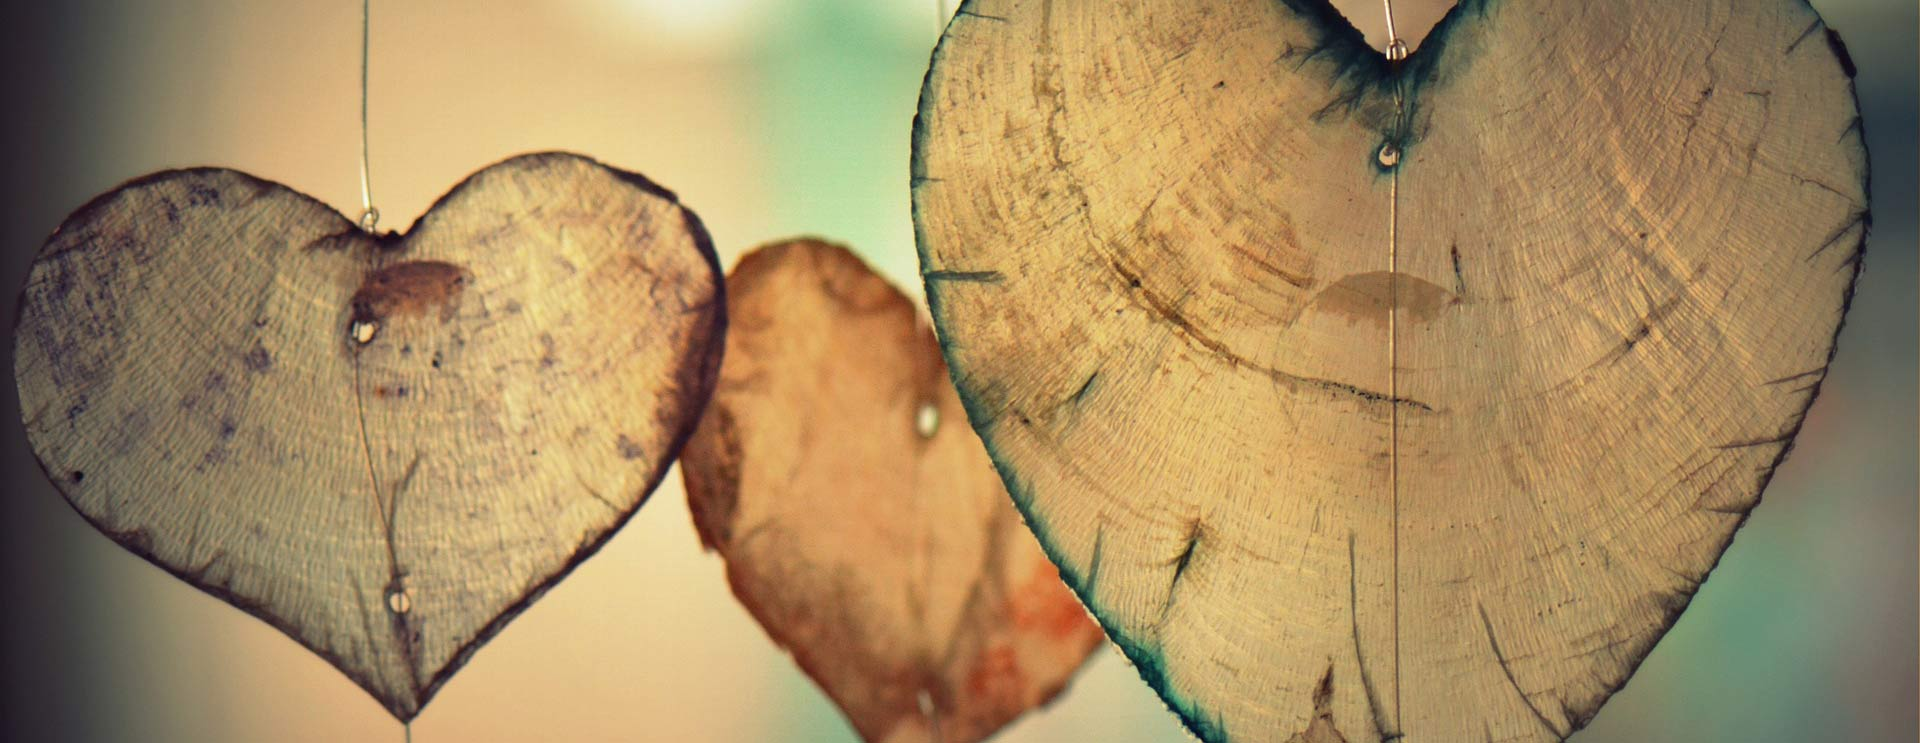 Články o radosti, hojnosti a životě